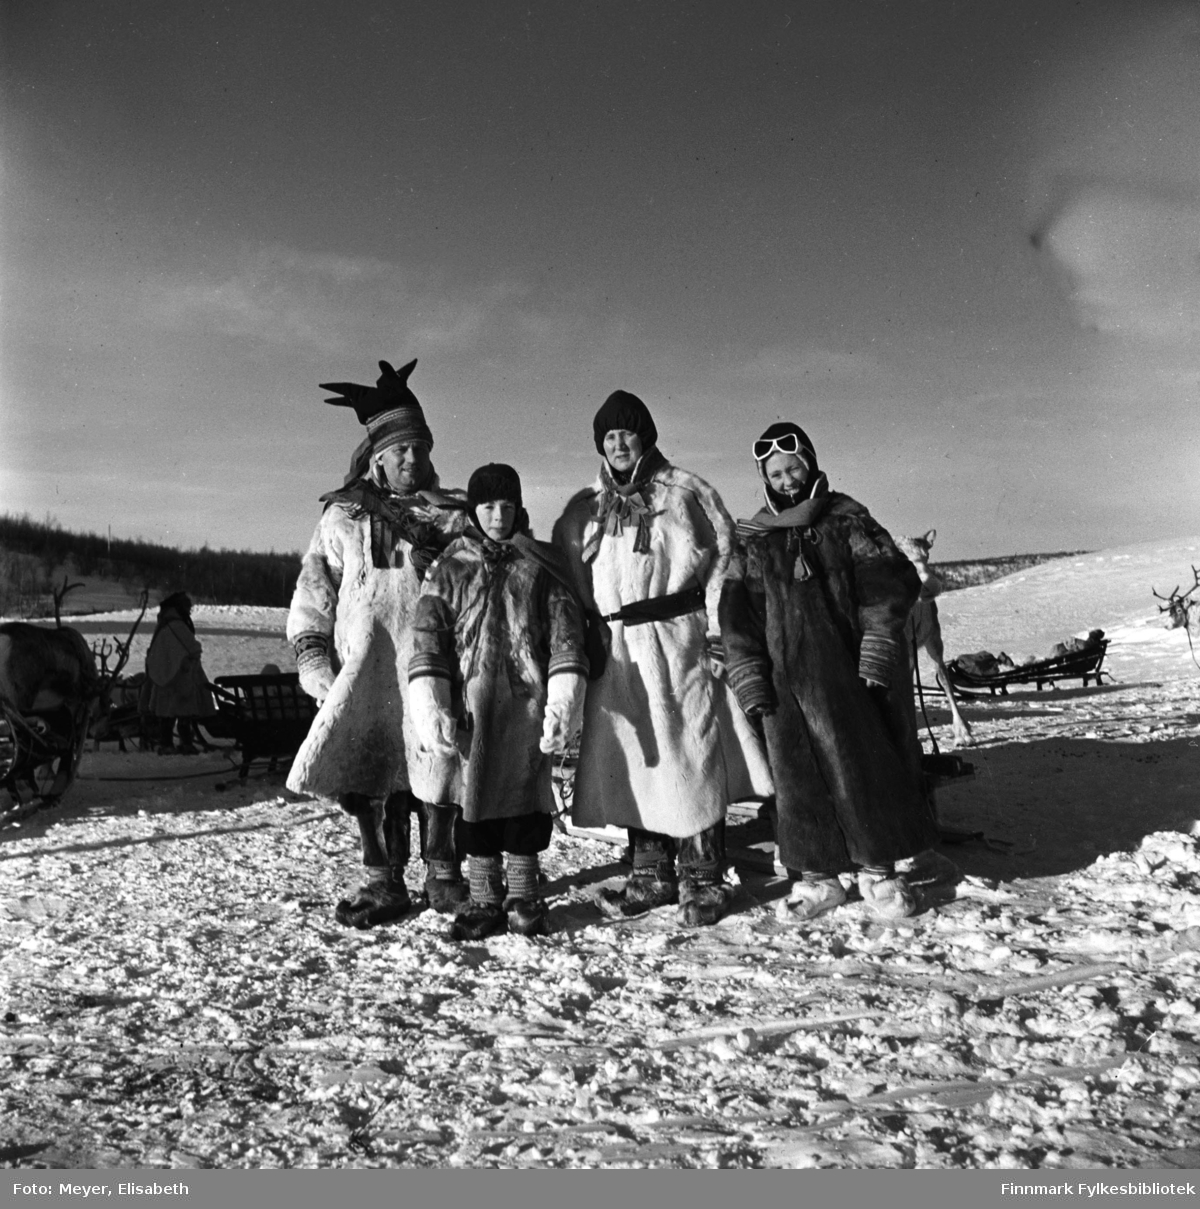 Turister kledd i pesk besøker Statens fjellstue, Suolovuopm i Maze. Personer ukjente. Fotografert ved påsketider 1940. Suolovuopmi fjellstue ble etablert i 1843 og var den første som ble etablert i Finnmark. Etterspørselen etter overnattingssted i indre Finnmark kom da post og fogd skulle ut å reise. Fjellposten, som begynte i 1799 gikk fra Hammerfest til Haparanda om vinteren. Suolovuopmi Fjellstue ble brent under krigen i 1944 og ble så gjenoppbygd etter krigen - og er fortsatt i drift.